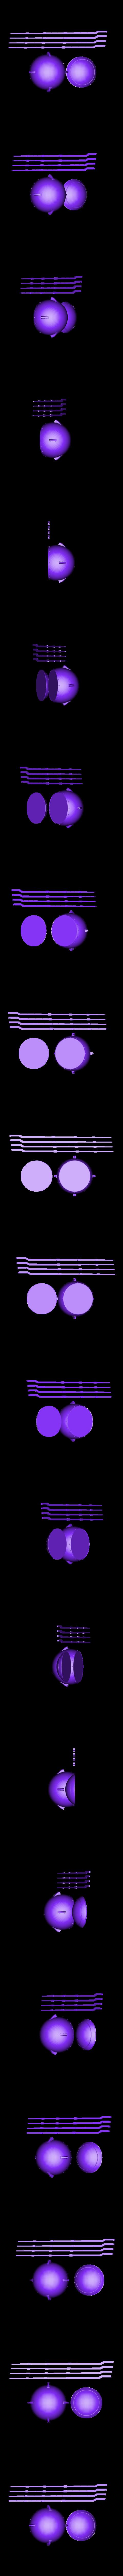 Sputnik1_All.stl Télécharger fichier STL gratuit Sputnik1 / Спутник-1 • Modèle imprimable en 3D, tone001